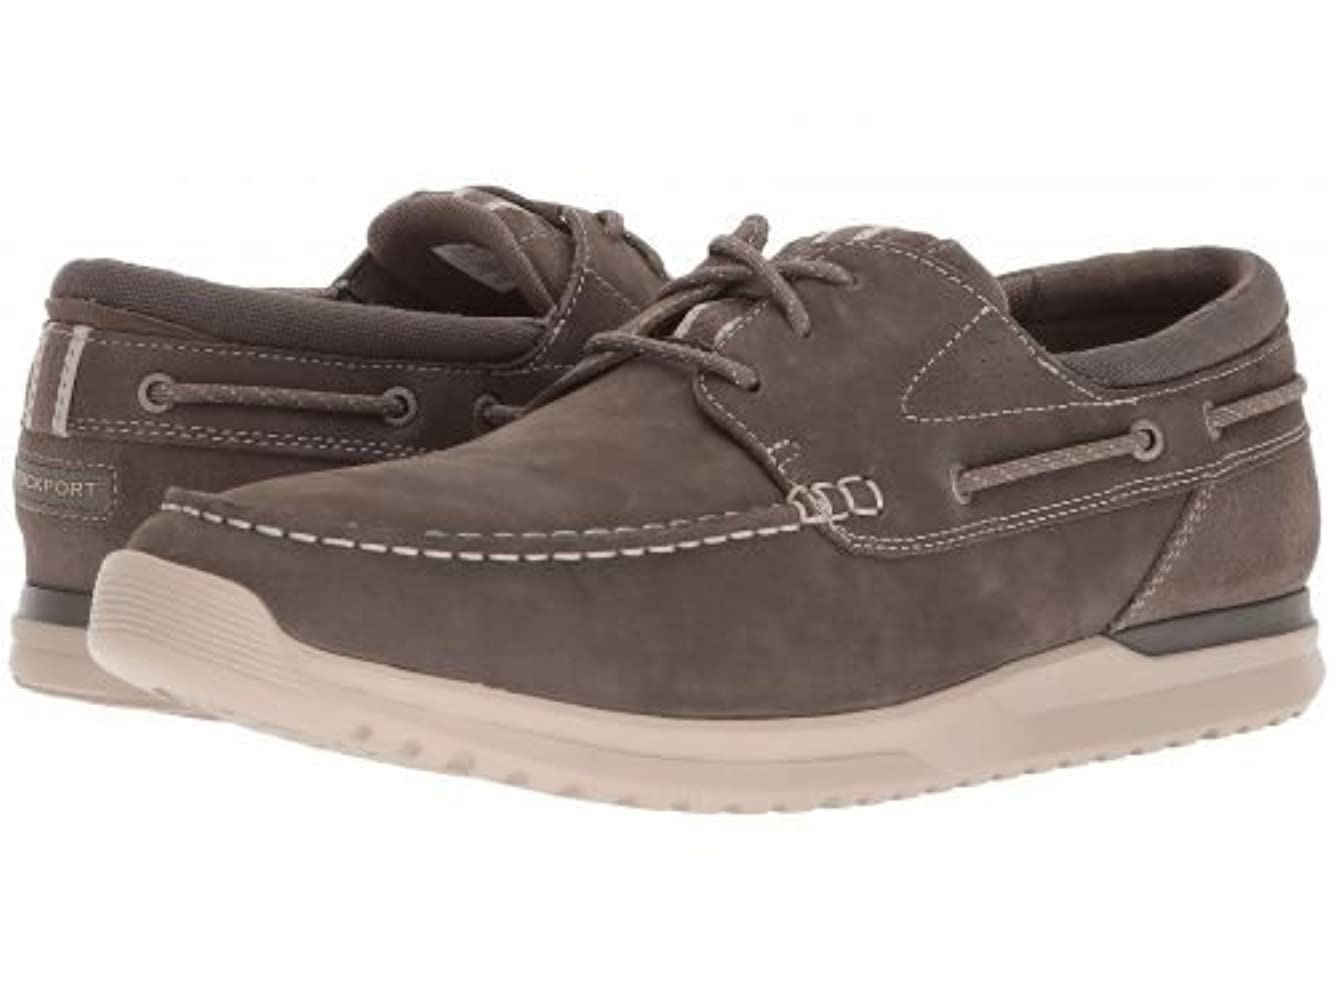 ブランド名正当化する保安Rockport(ロックポート) メンズ 男性用 シューズ 靴 ボートシューズ Langdon 3 Eye Ox - Breen Leather [並行輸入品]